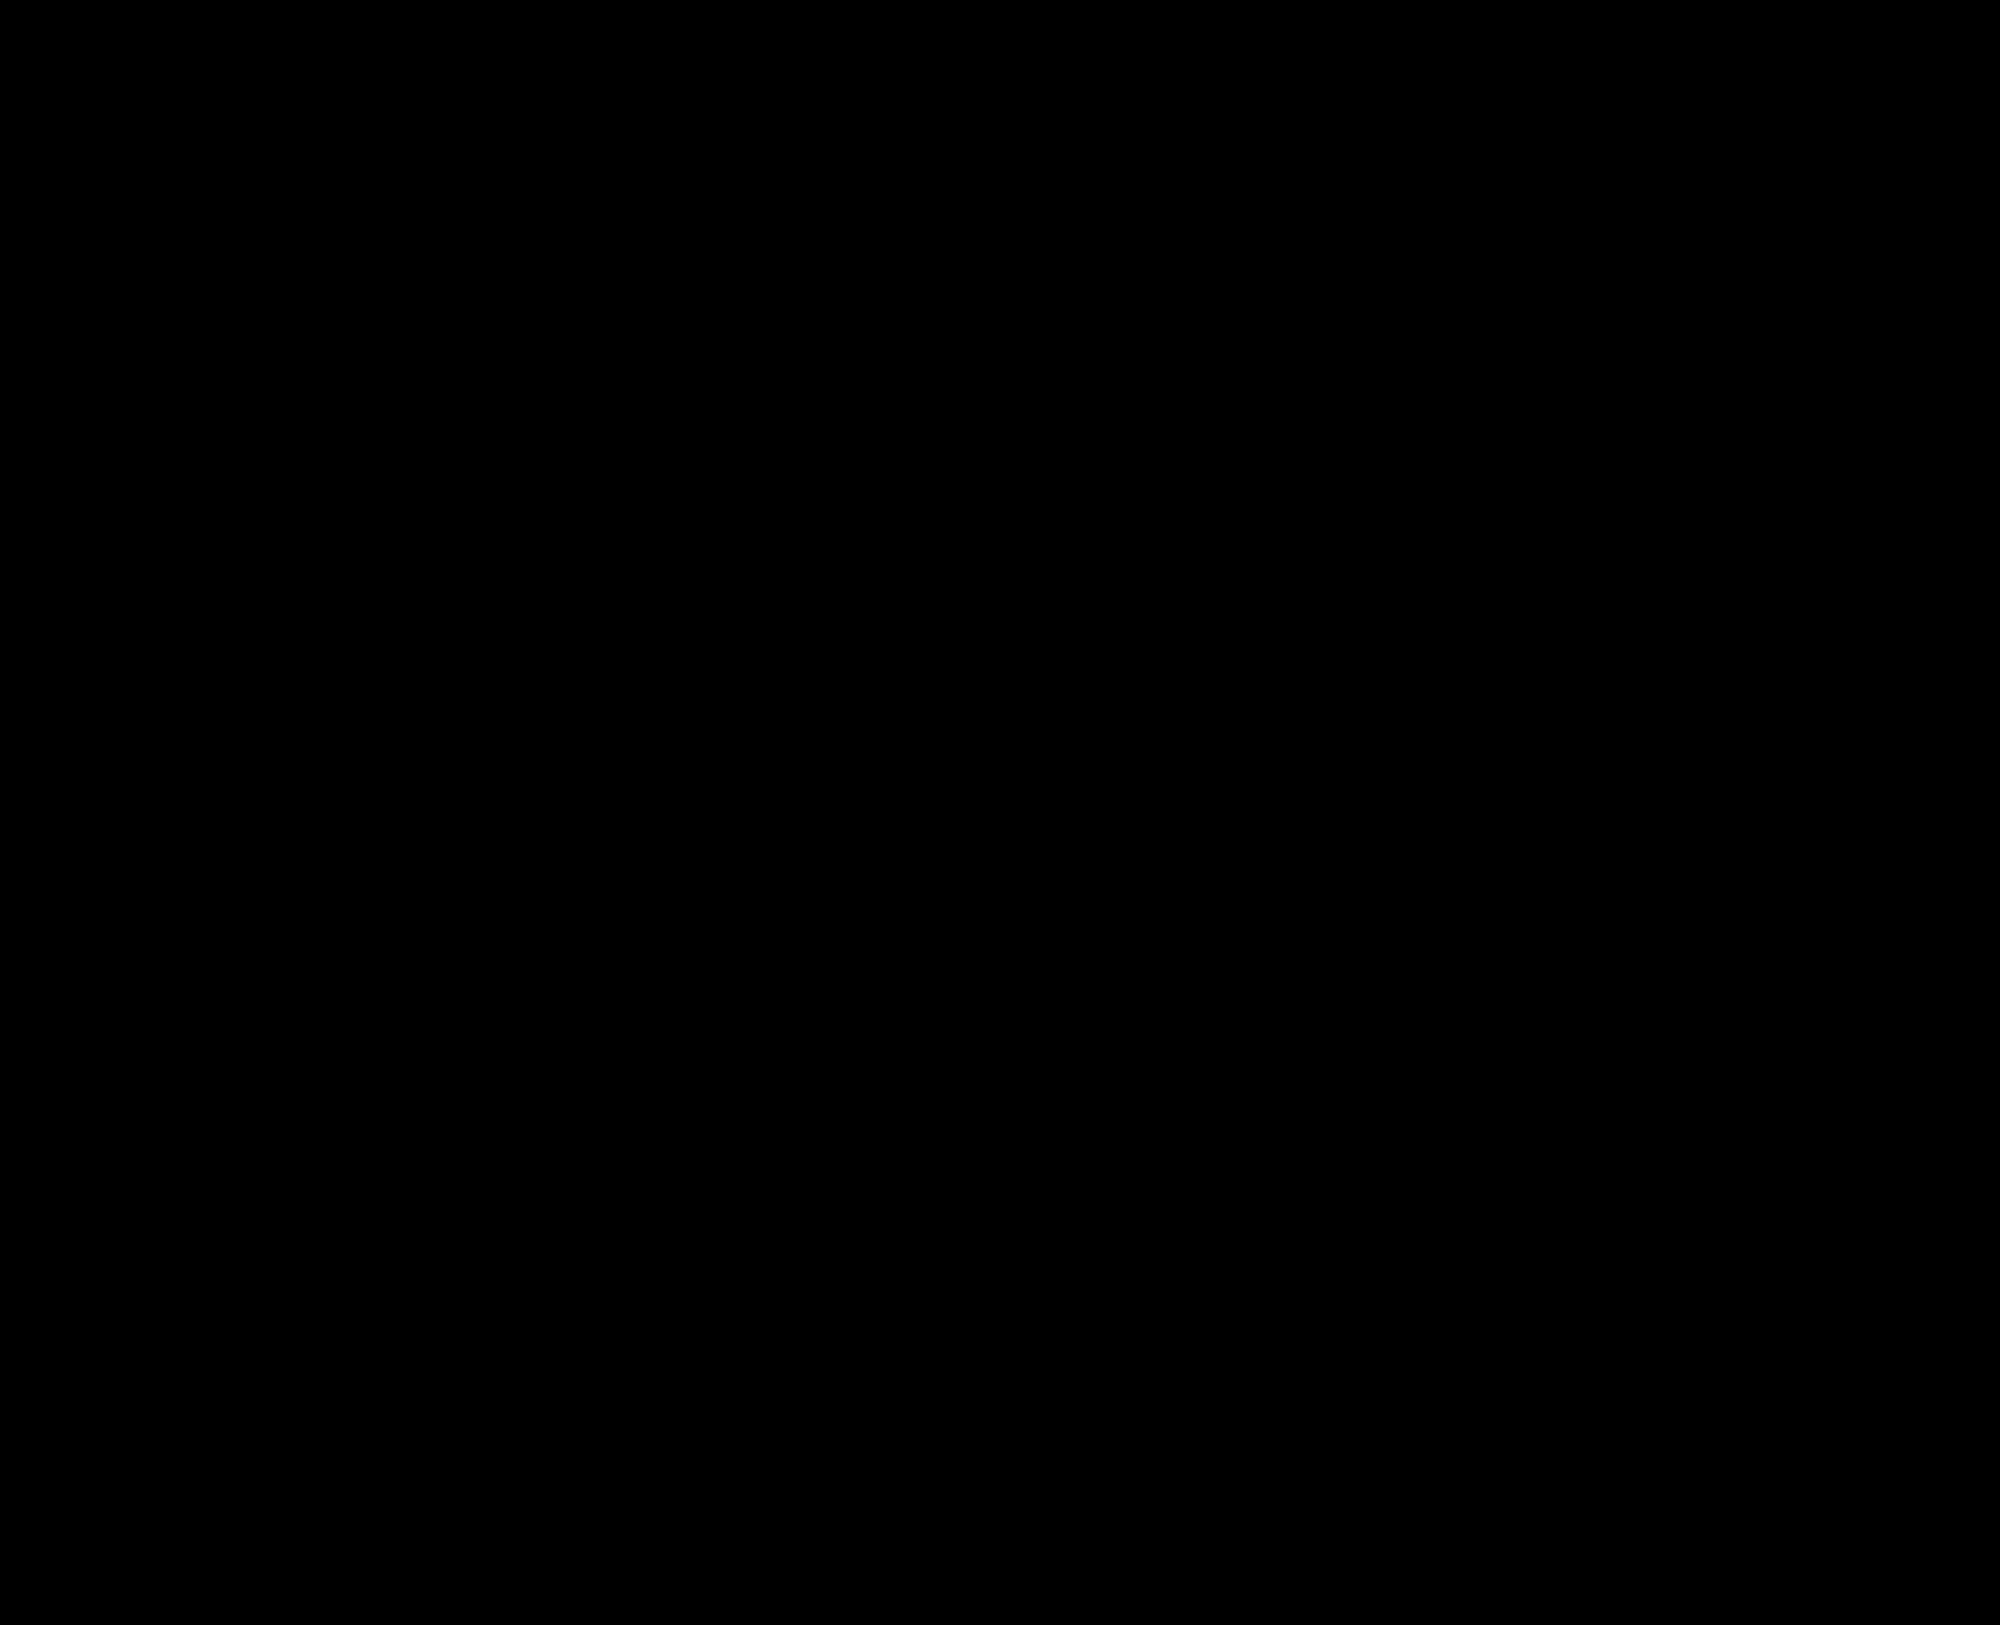 ilustración proceso algodón orgánico talk under light